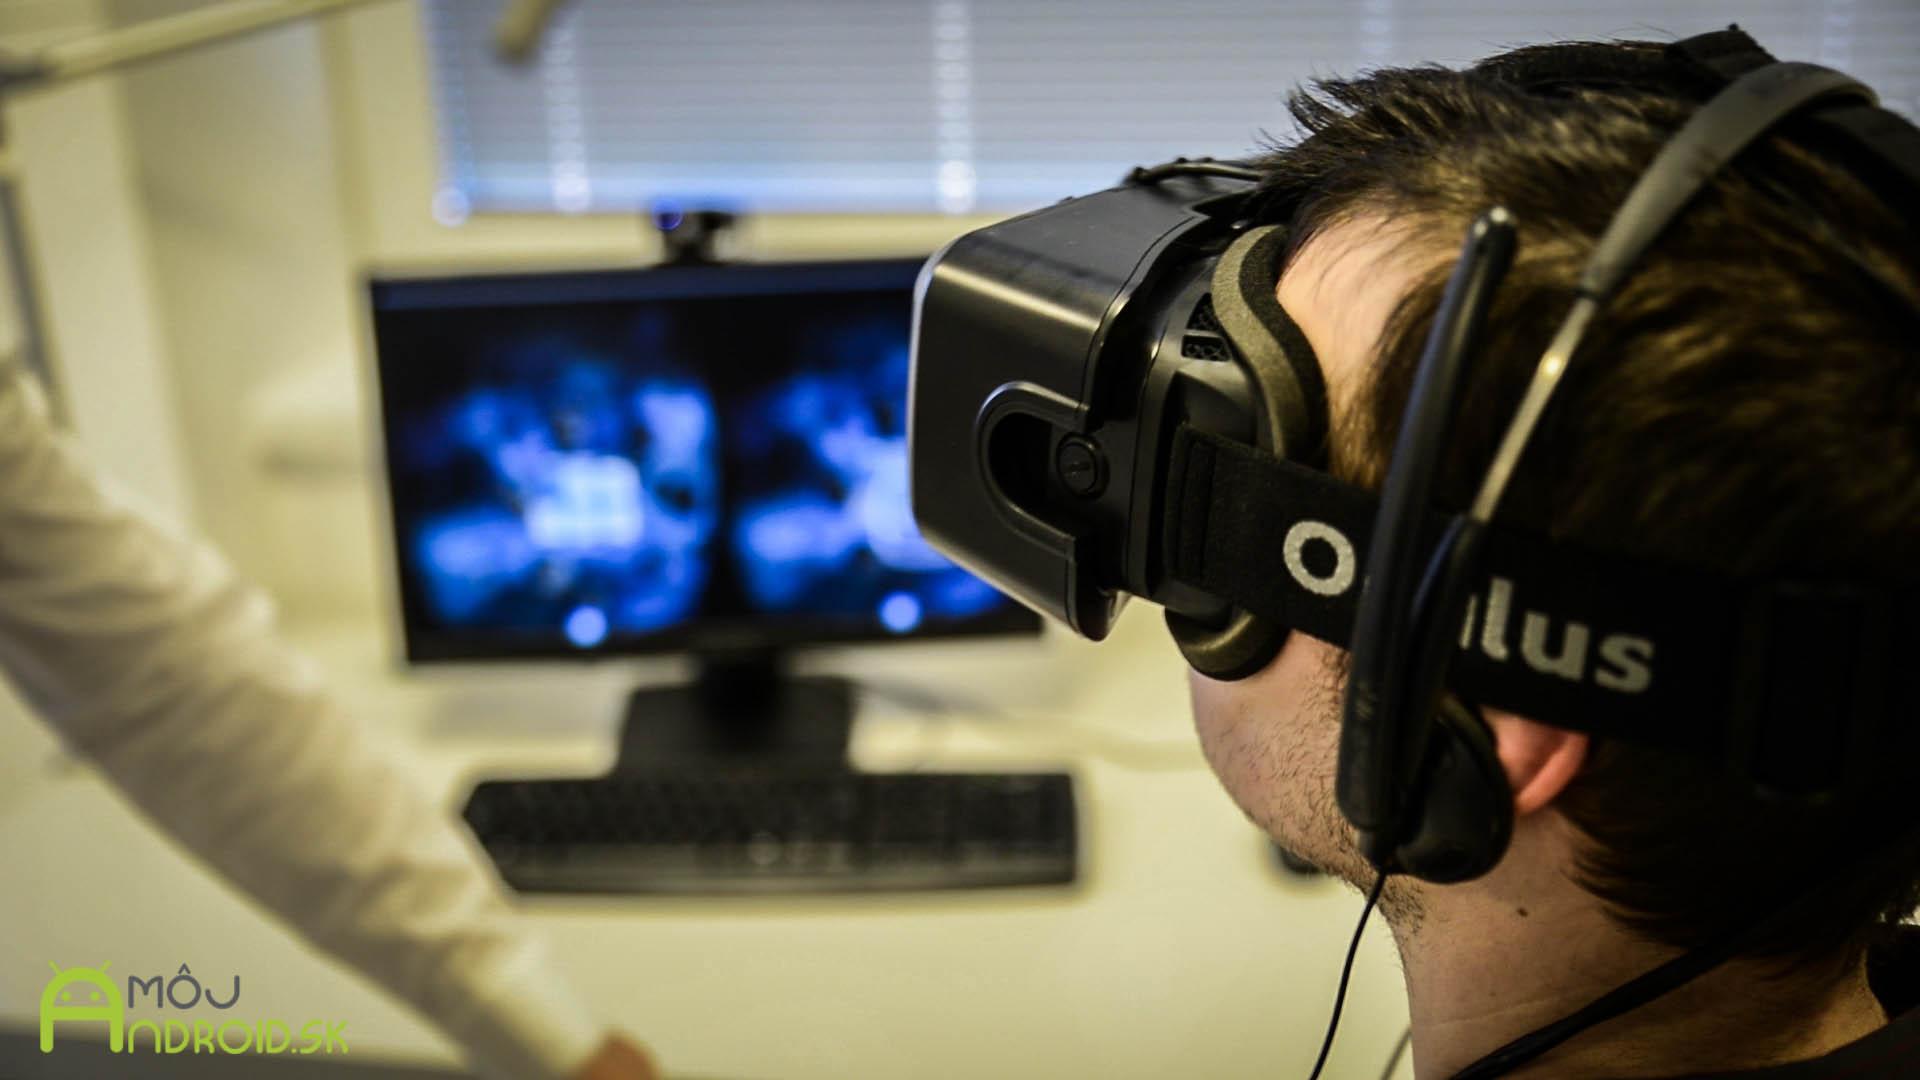 a35d6abed Všetko sa začína skríningovým vyšetrením pacienta, na ktorom sa zistí, či  je pacient vhodný na liečbu pomocou virtuálnej reality. Podľa toho lekári  spravia ...